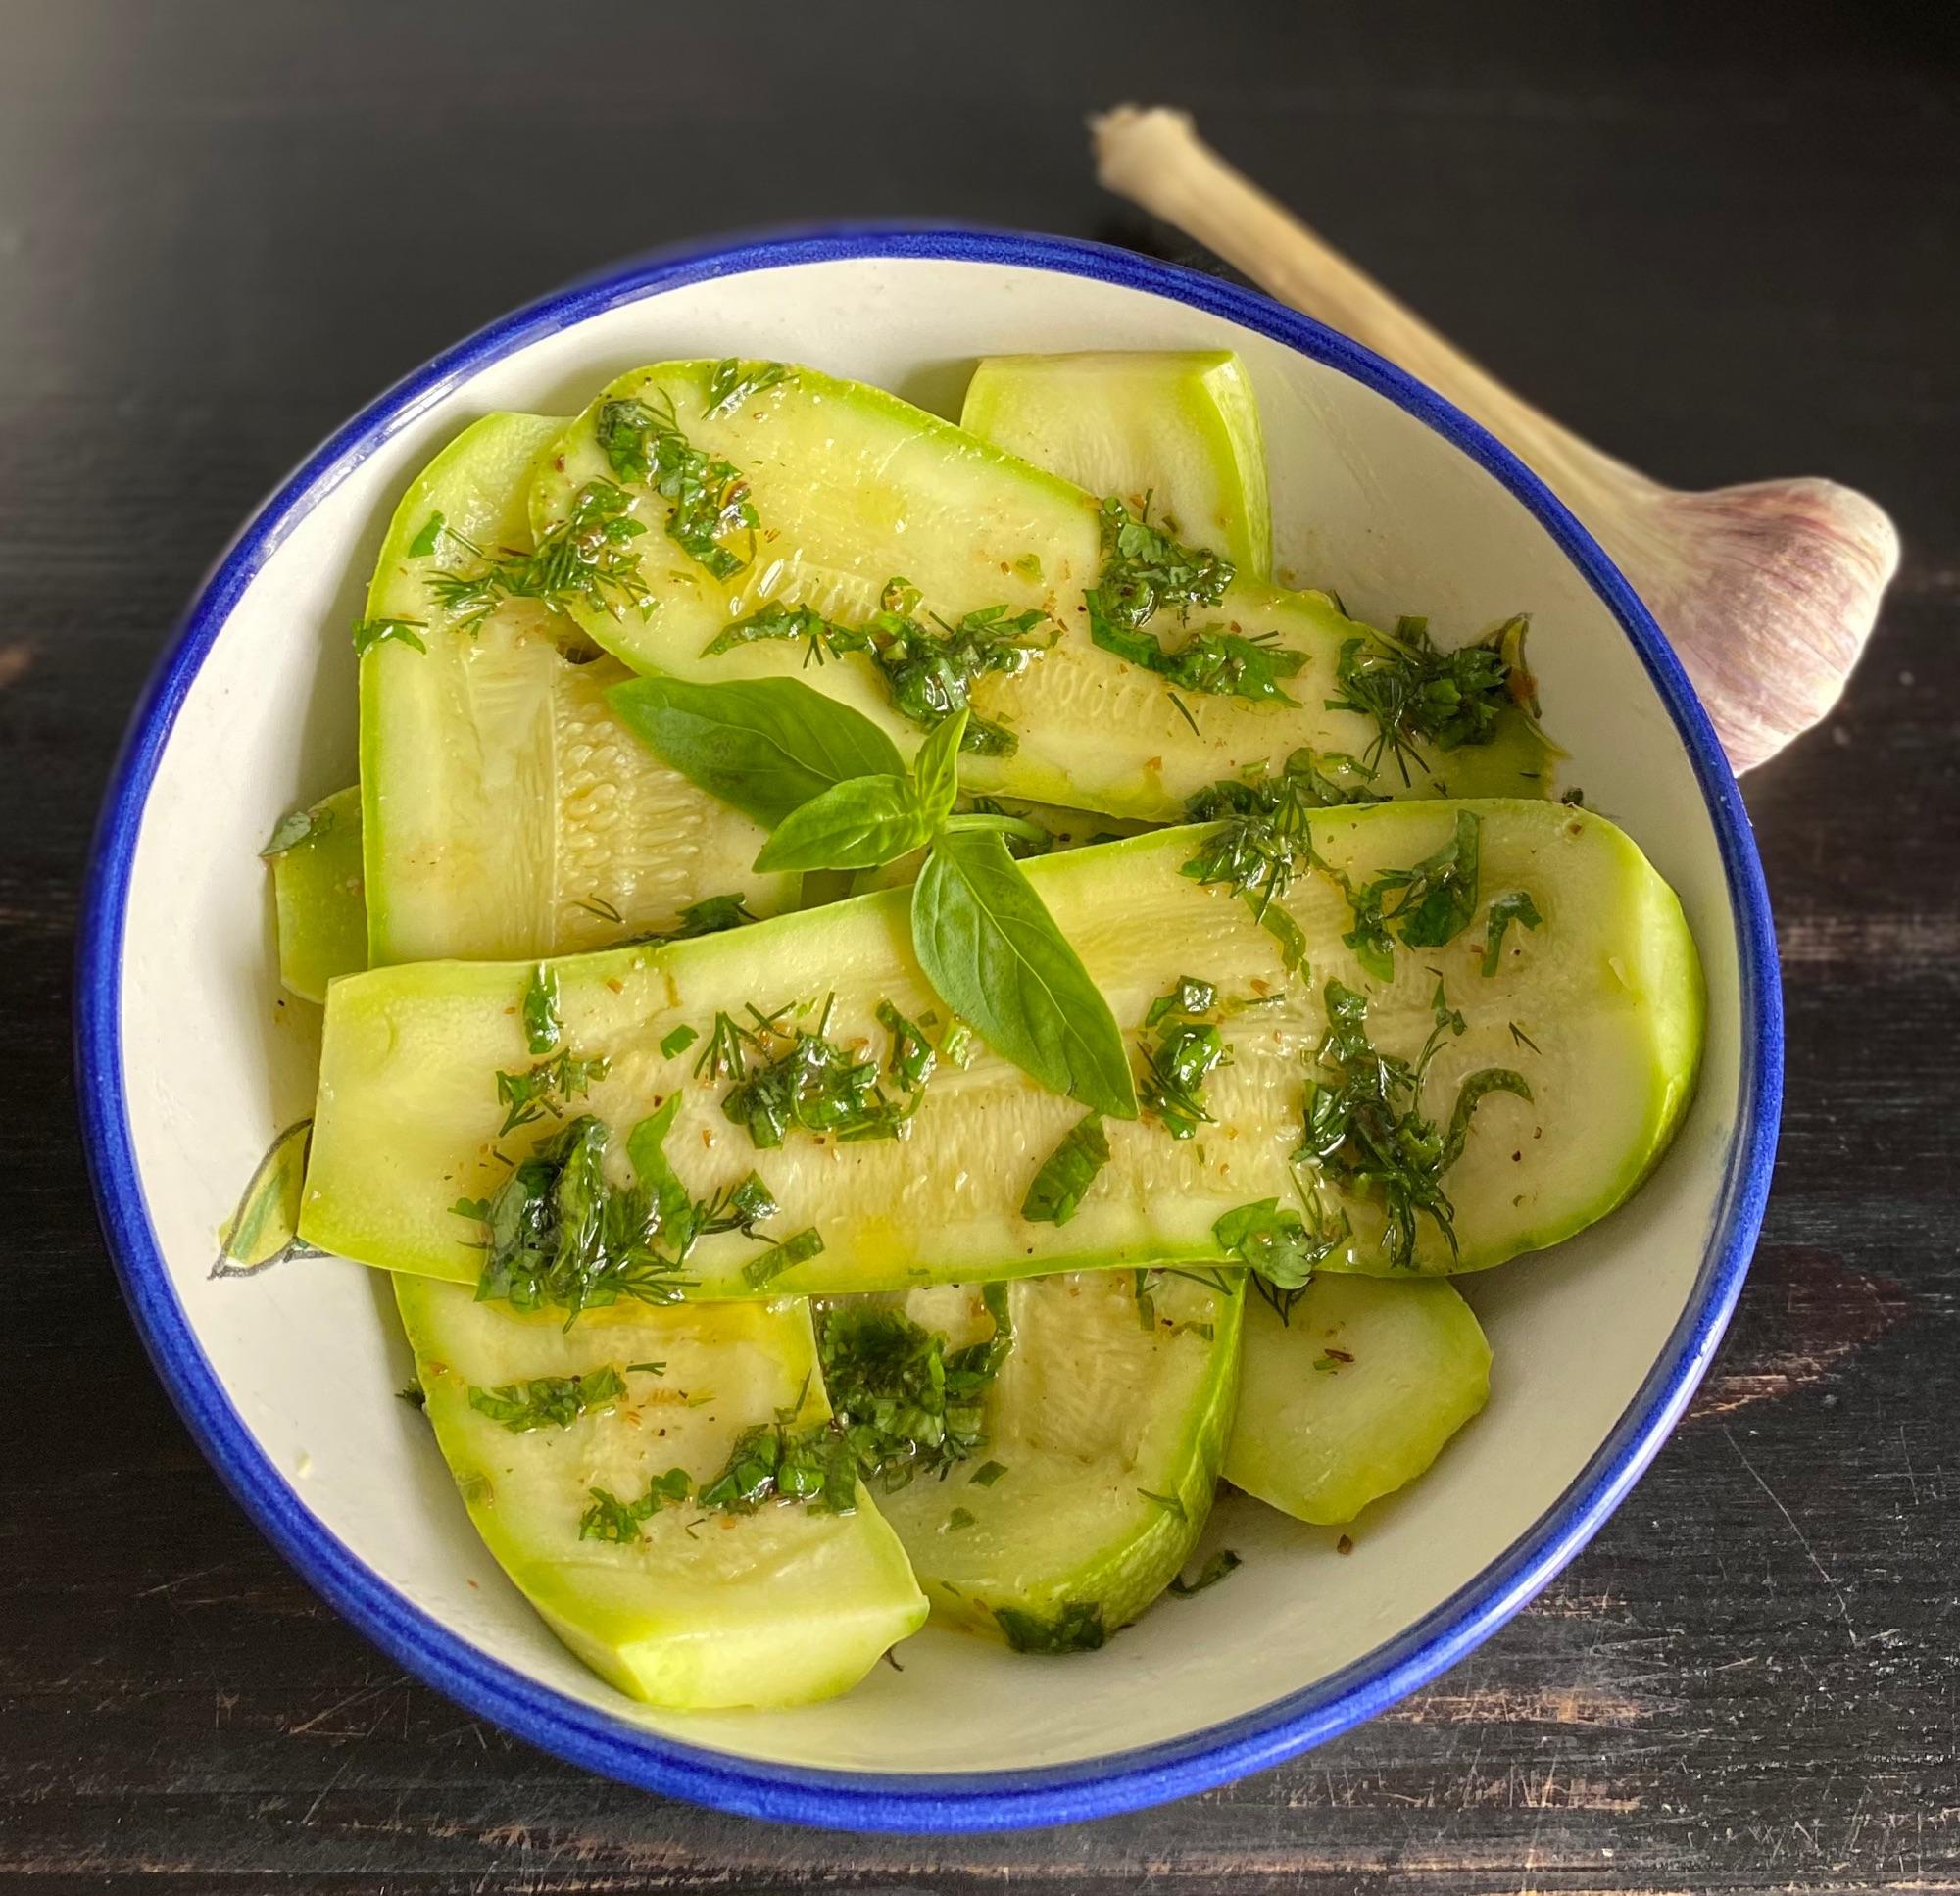 Очень вкусные кабачки! А поскольку Делия Смит относит их к британской кухне, поедлагаю в раунд « Туманный Альбион» Люблю ее простые и вкусные бда!